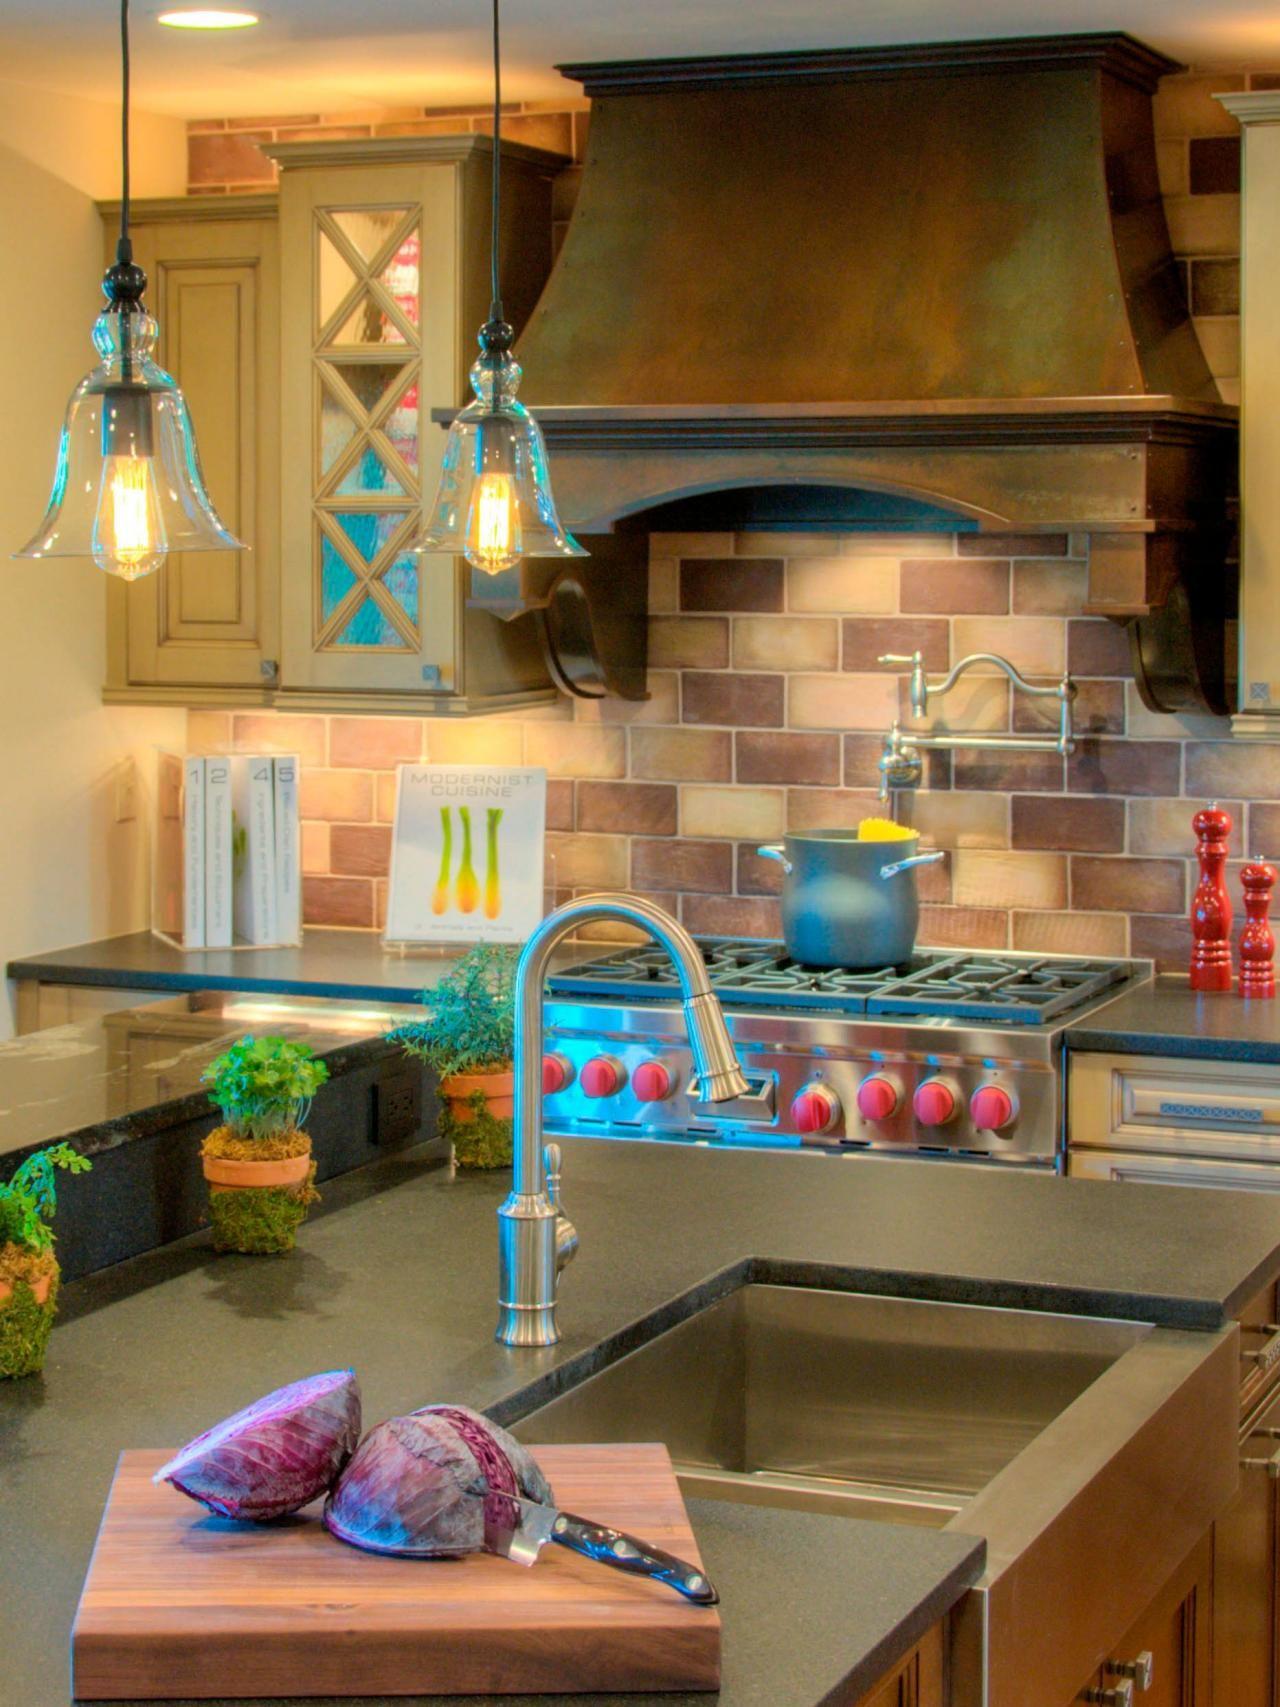 pictures of kitchen backsplash ideas from hgtv kitchen ideas design with cabin kitchen on outdoor kitchen backsplash id=89994